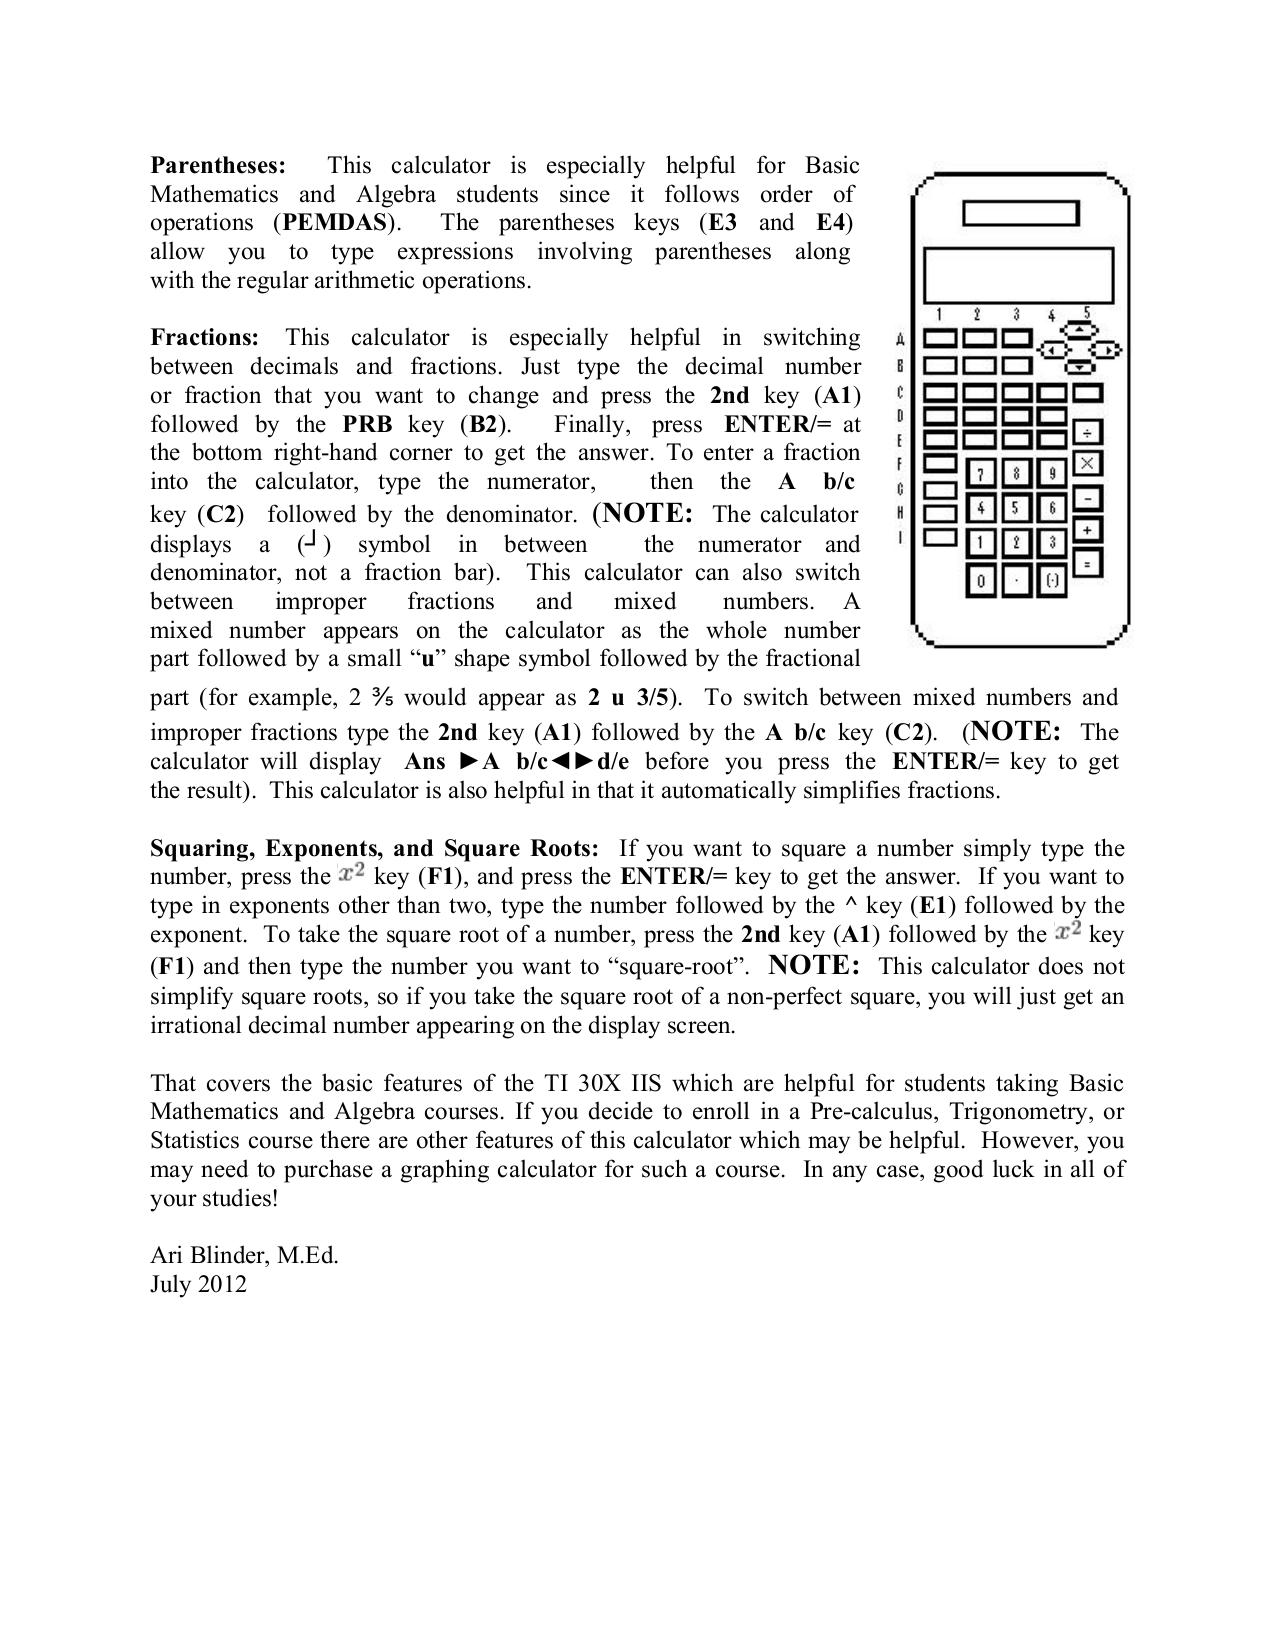 Ti 30x iis statistics manual array pdf manual for ti calculator ti 30x iis rh umlib com fandeluxe Gallery